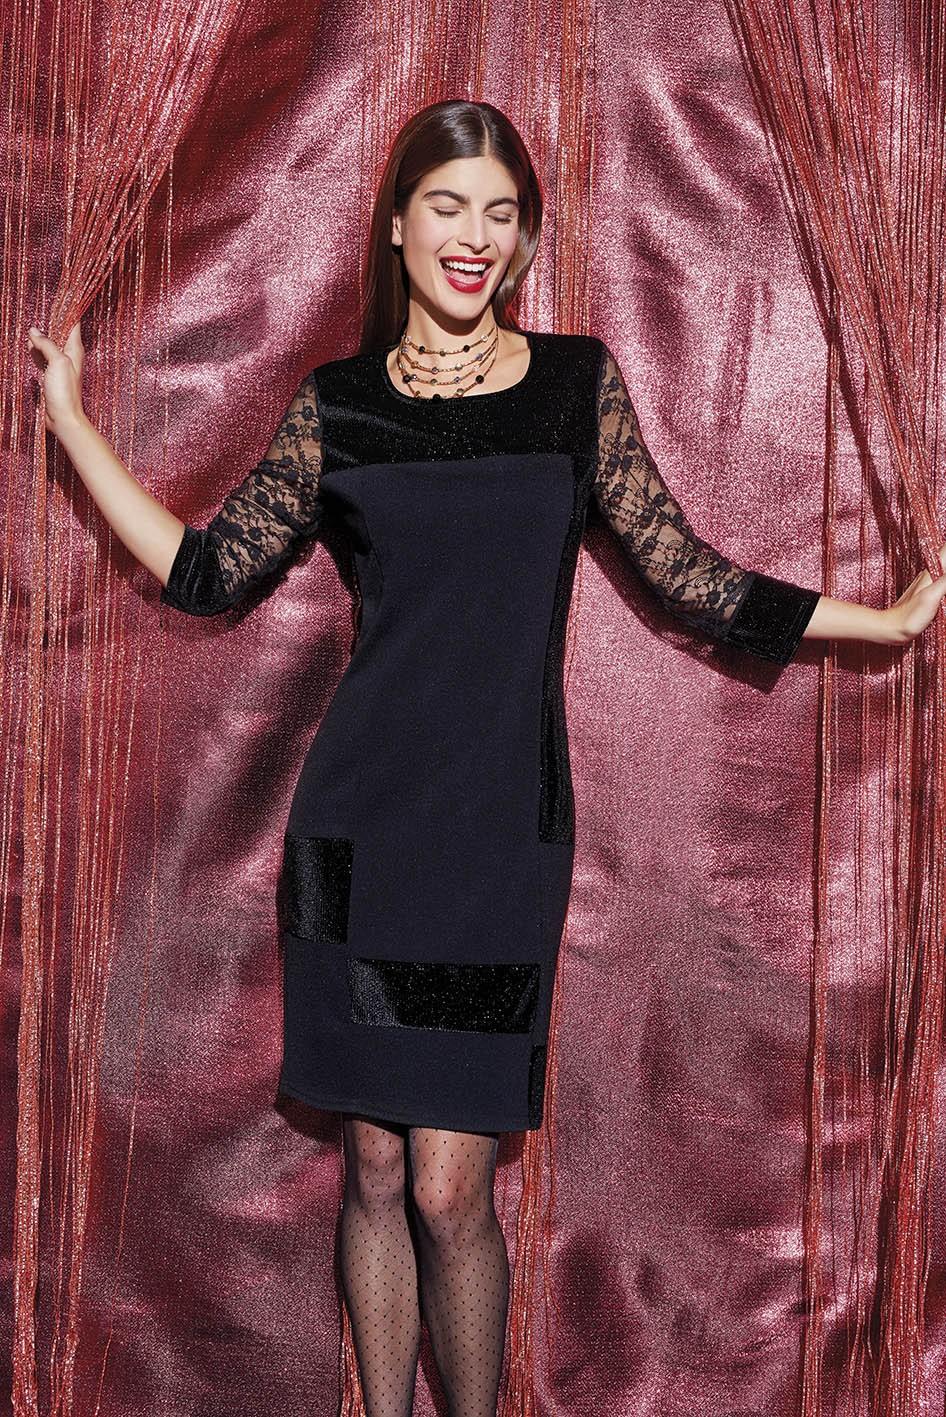 Платье для женщины 40 лет коктейльное